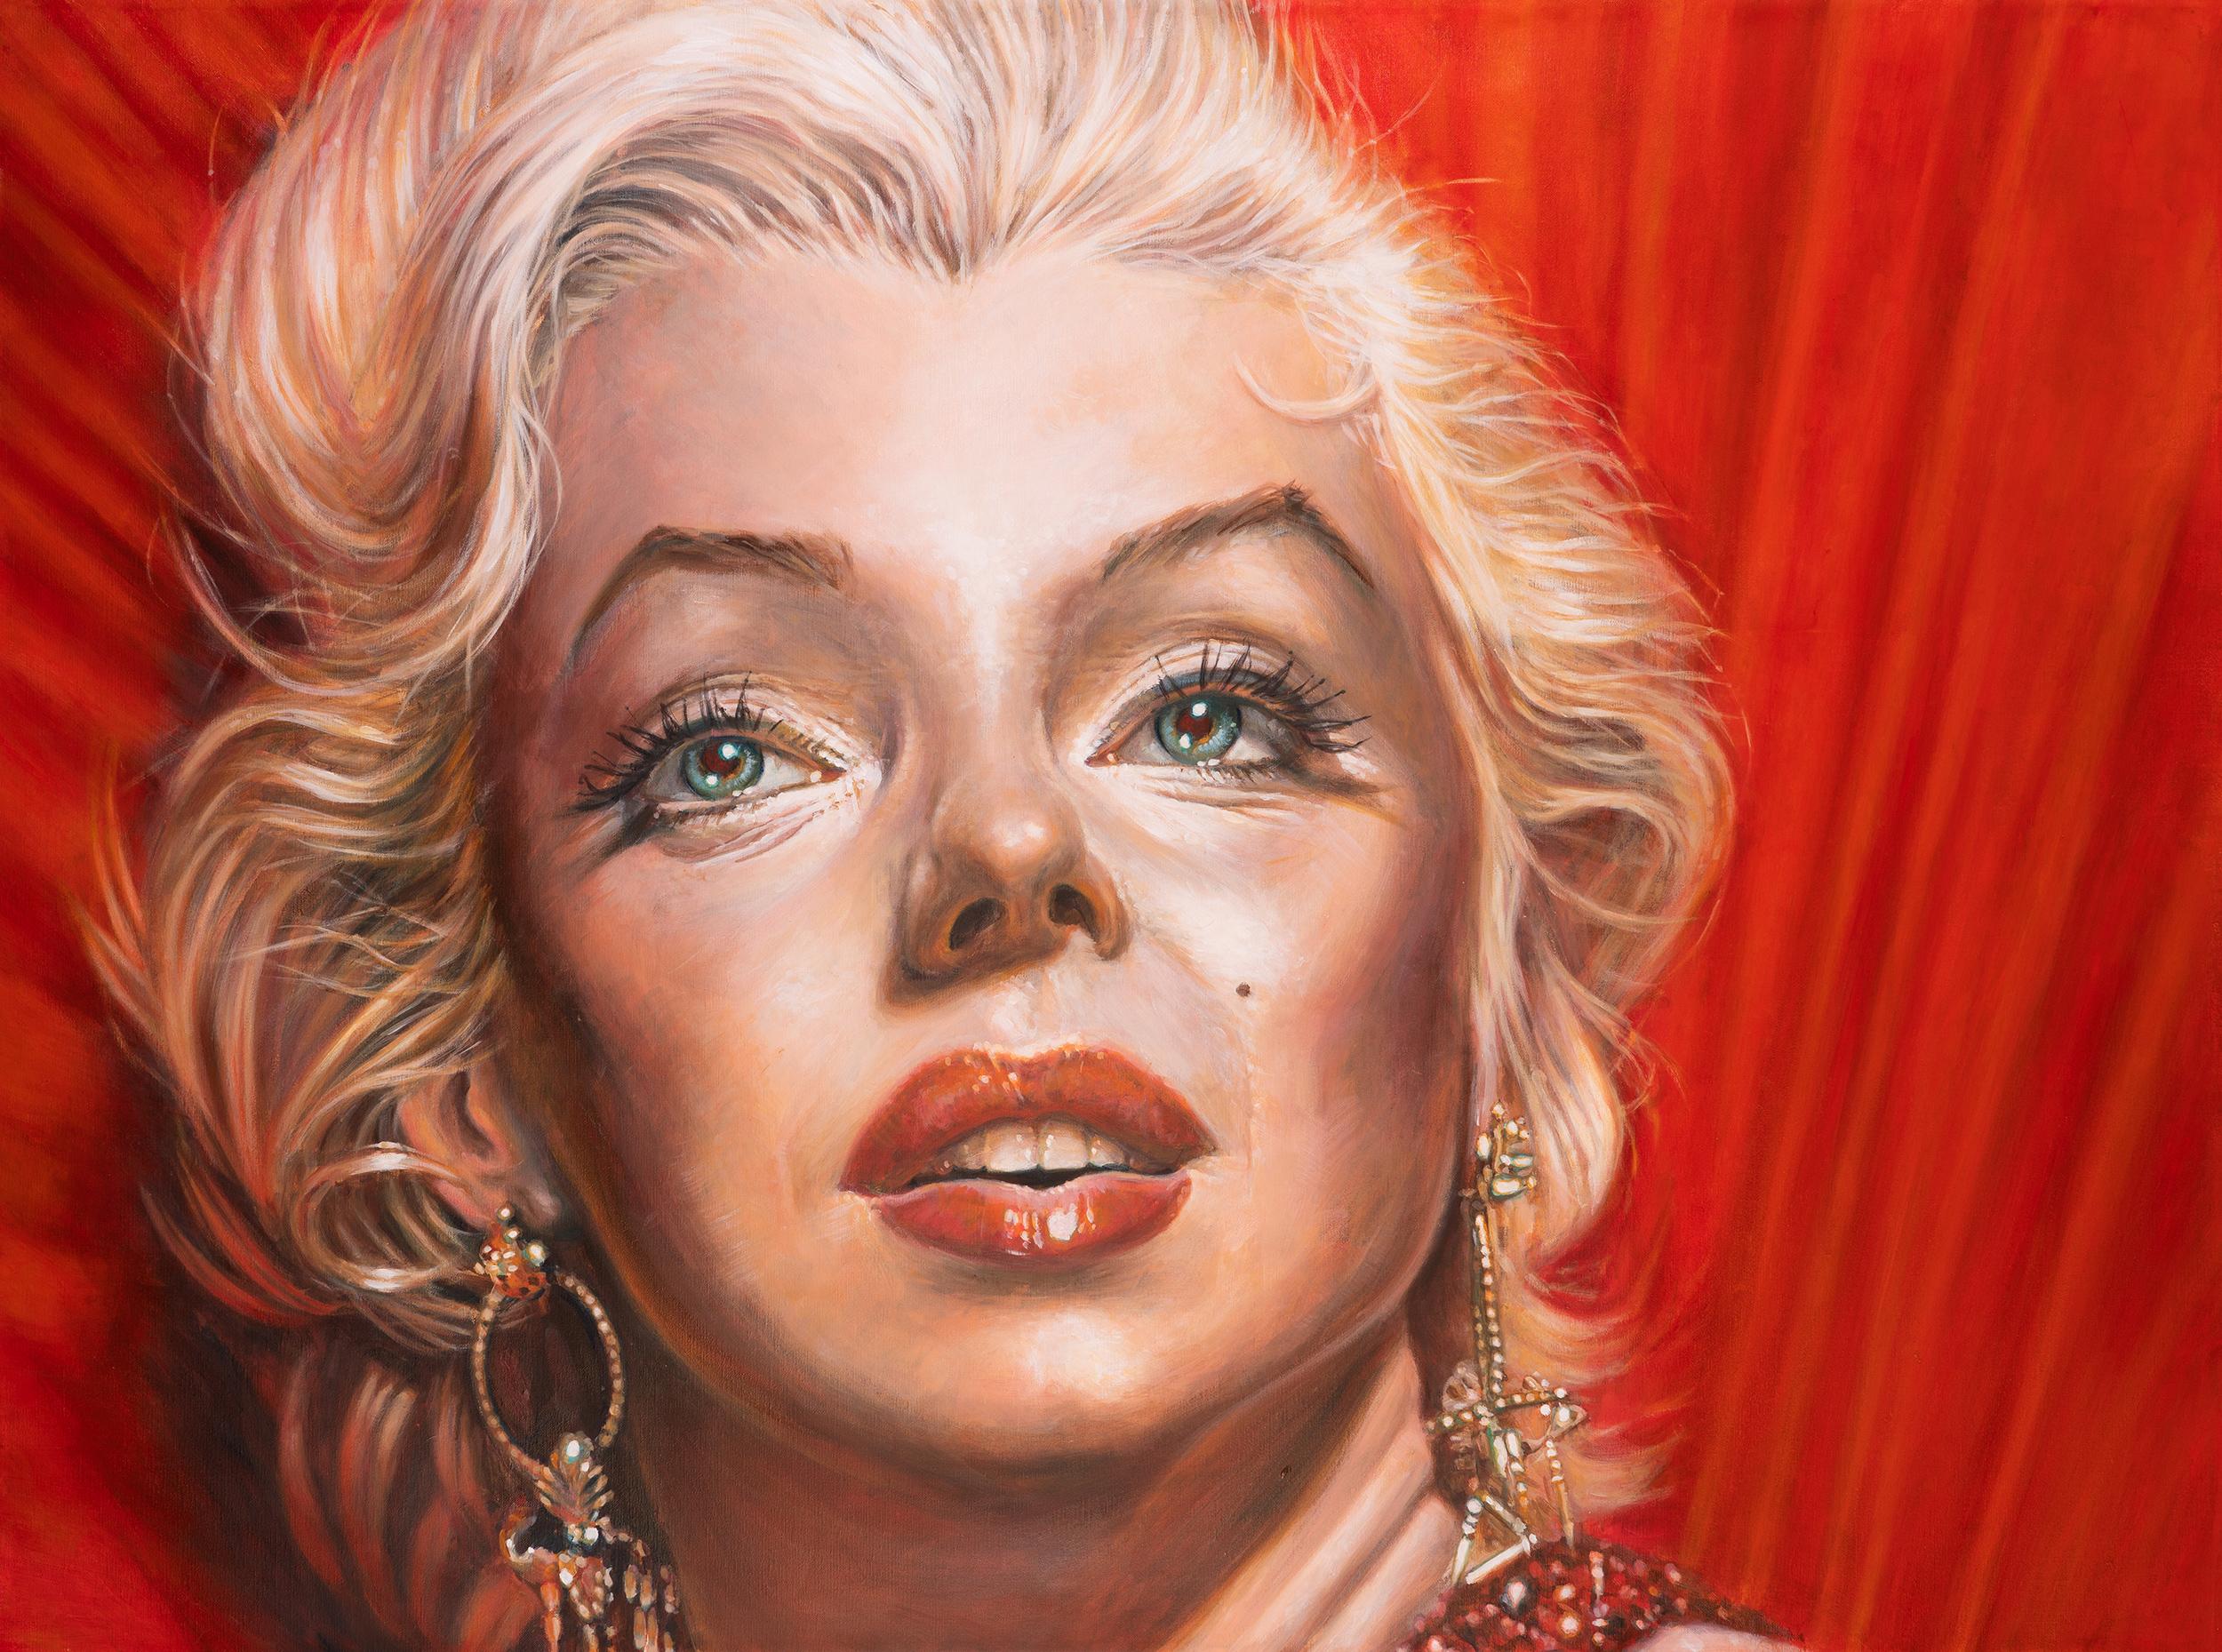 Marilyn Monroe portrait by Derren Brown